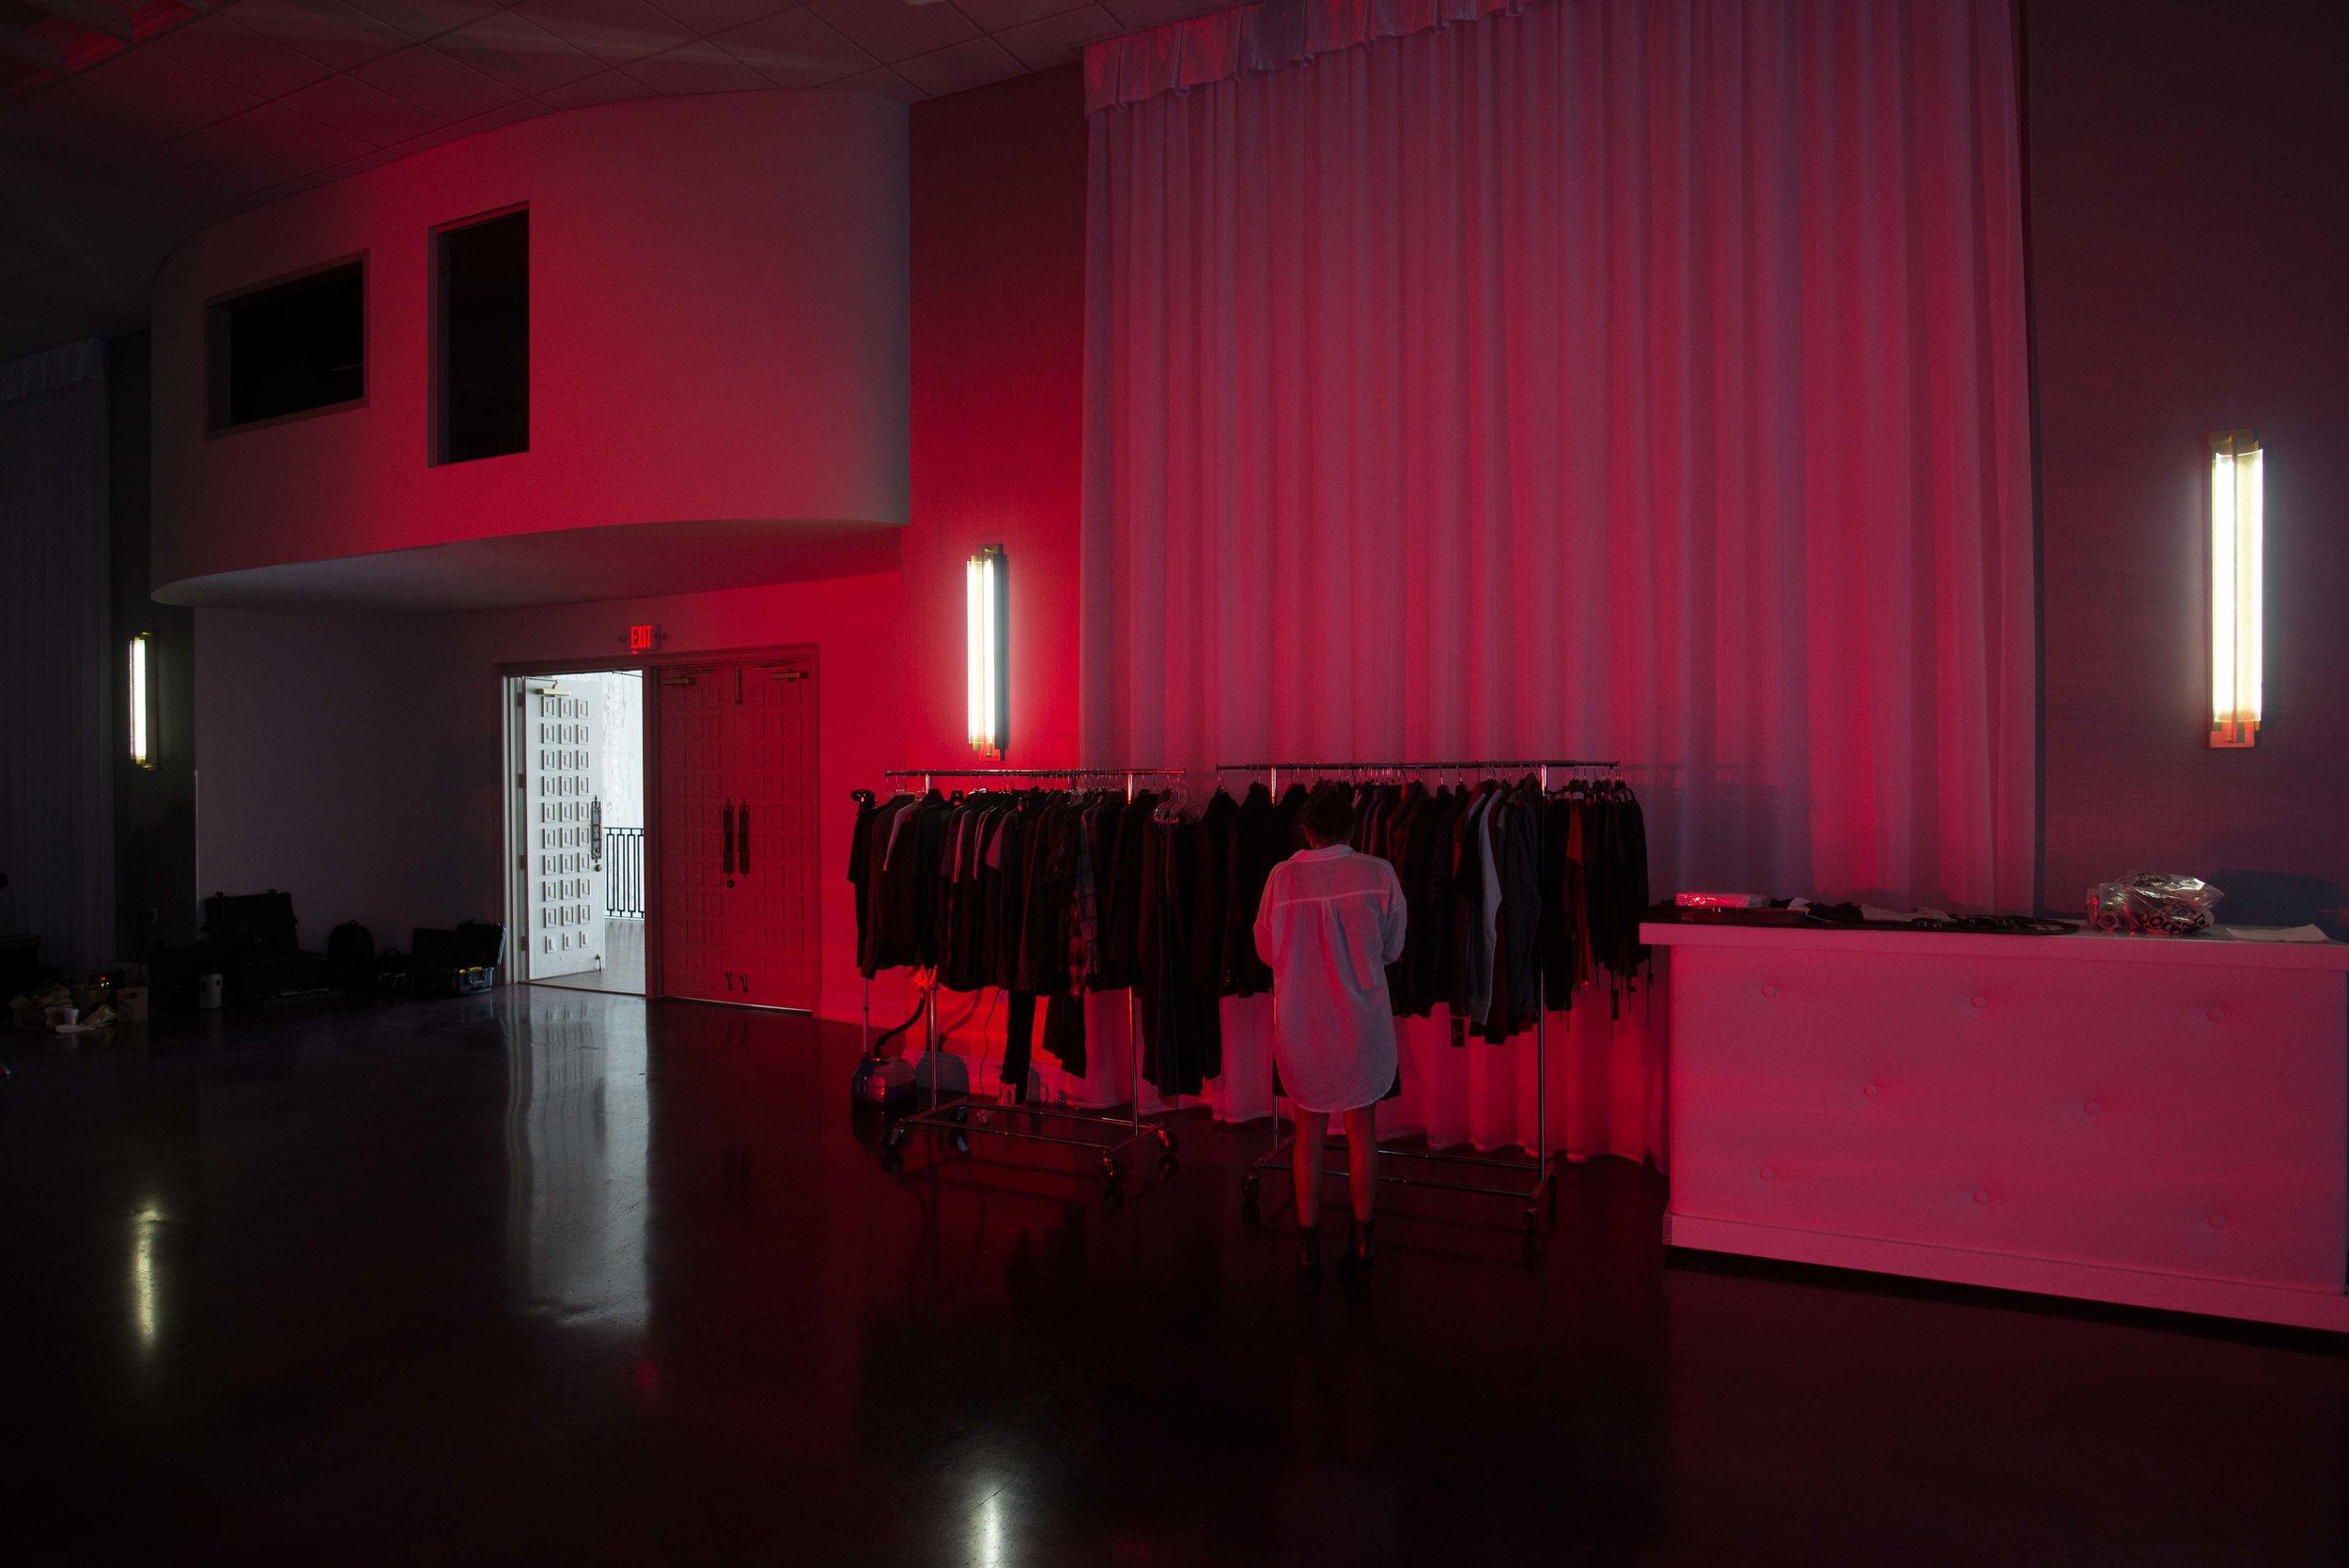 Miami Venue & Photo Production Location